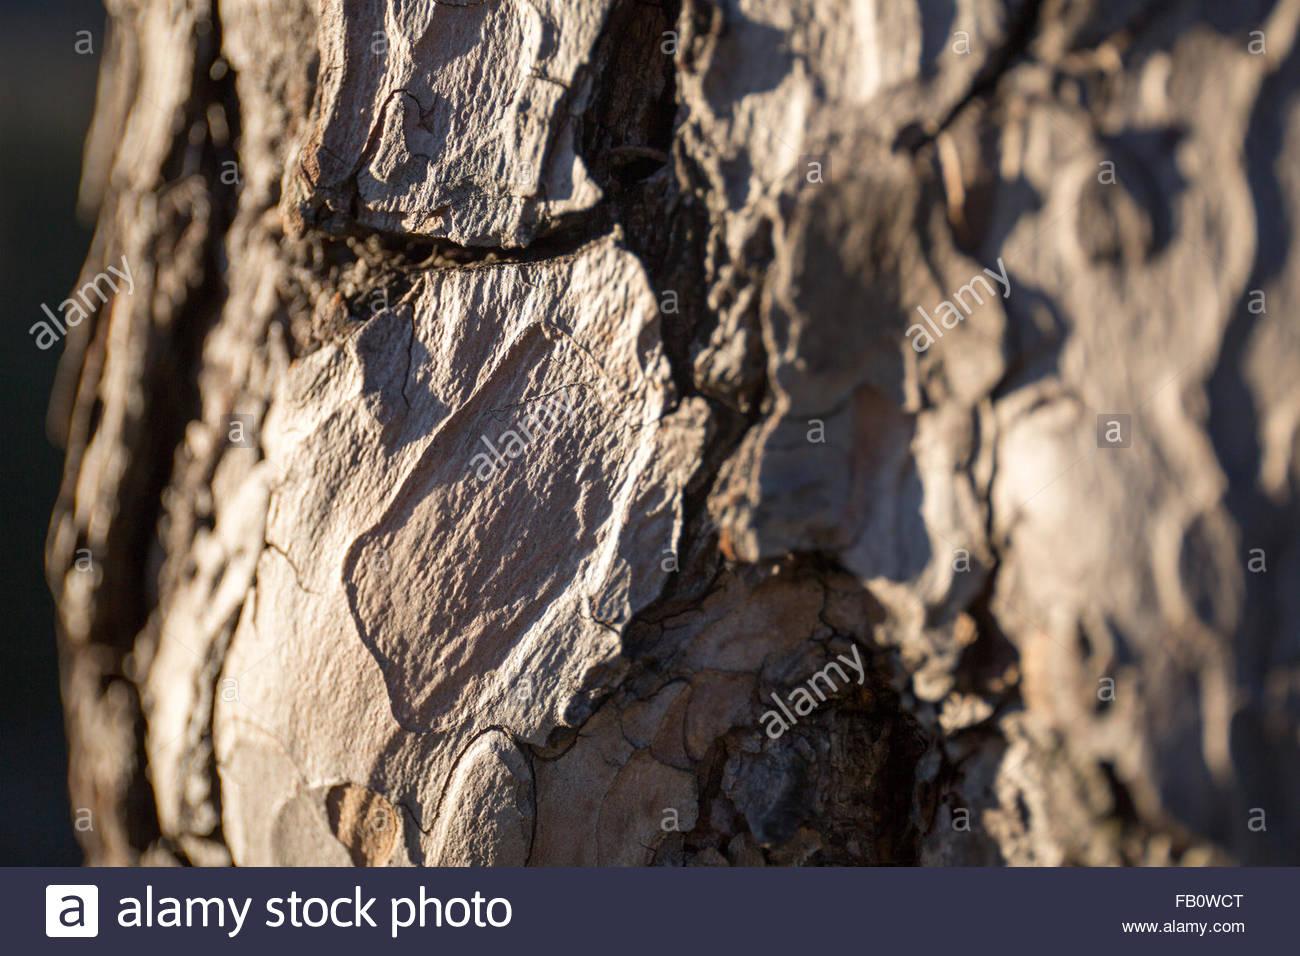 bark of a tree - Stock Image